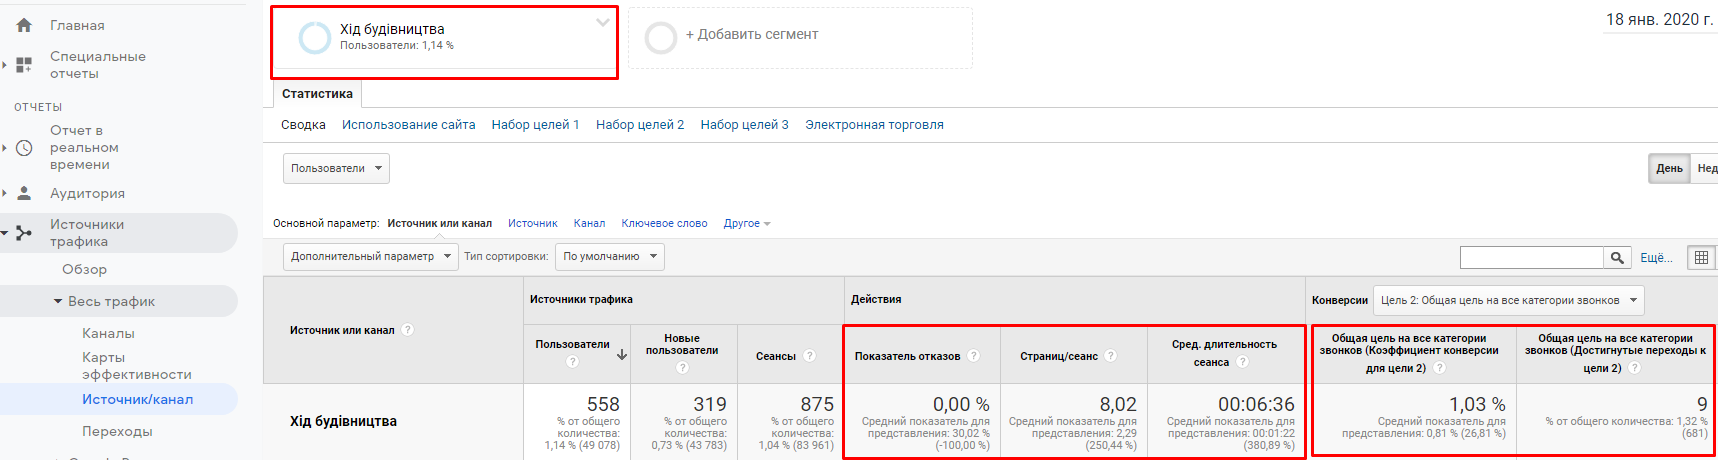 Оптимізація Google Ads. Пошук нових аудиторій фото 6